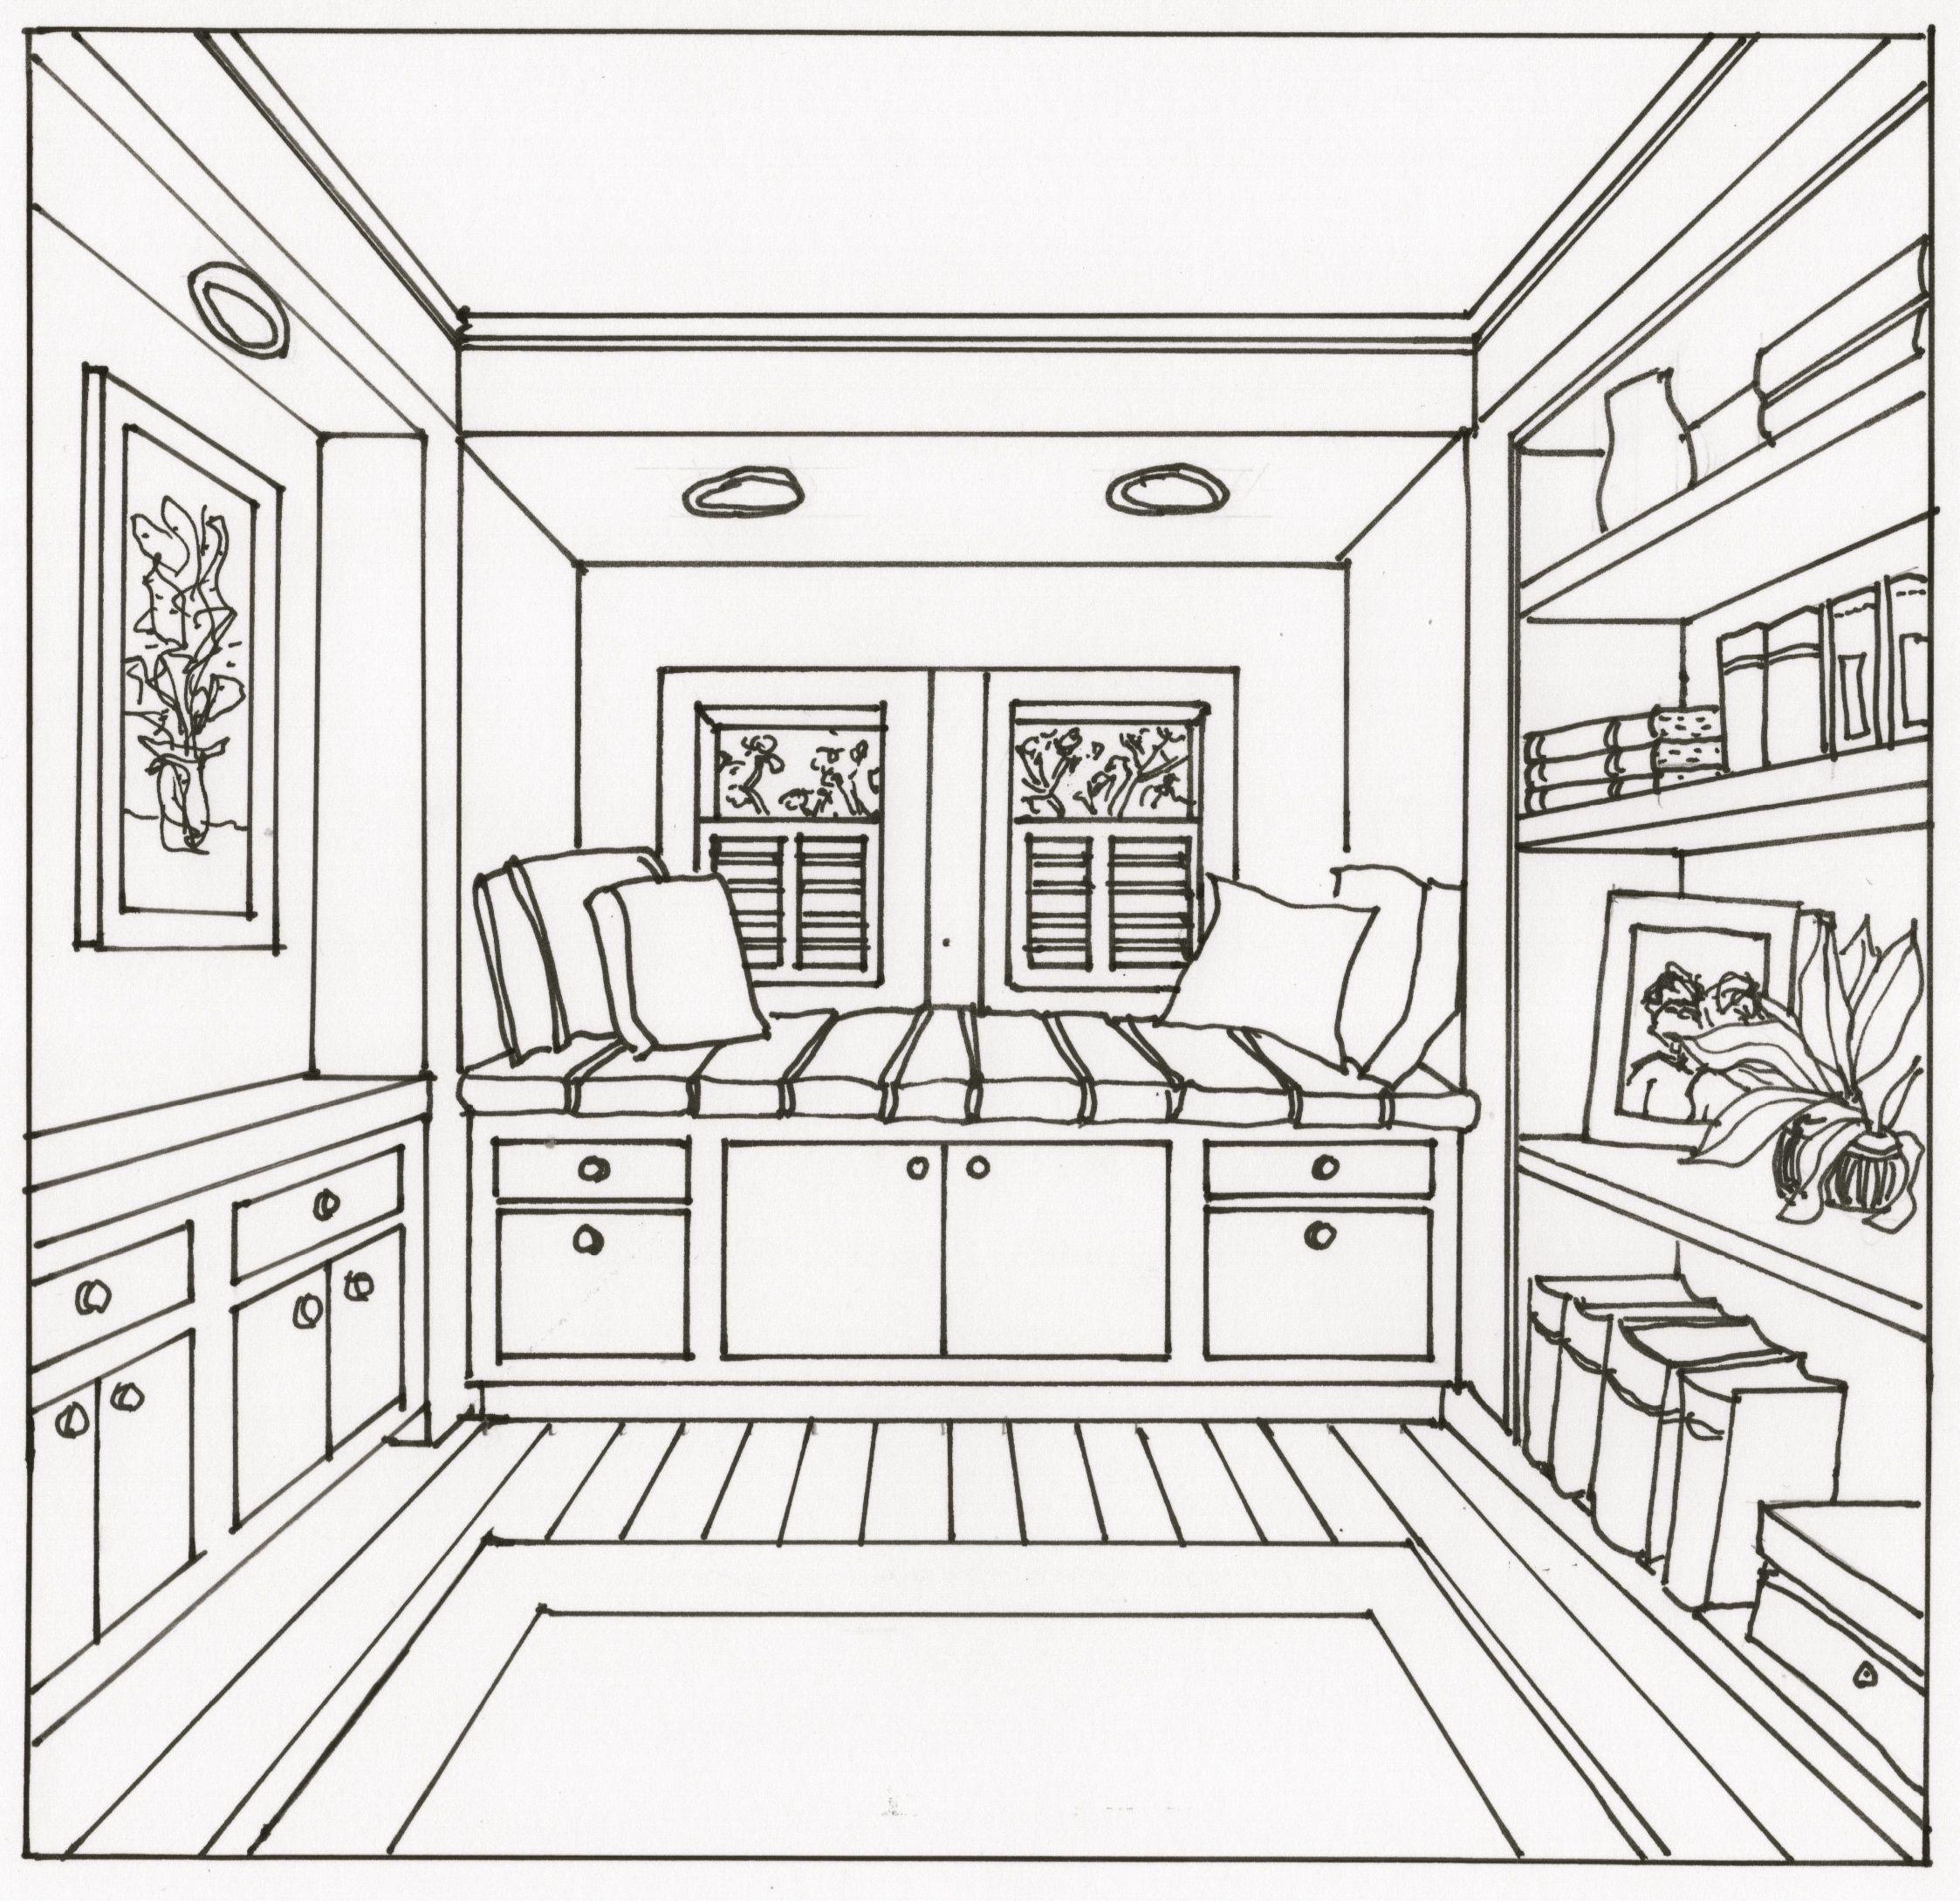 правило, хозяева рисунки интерьеров комнат искусственный камень